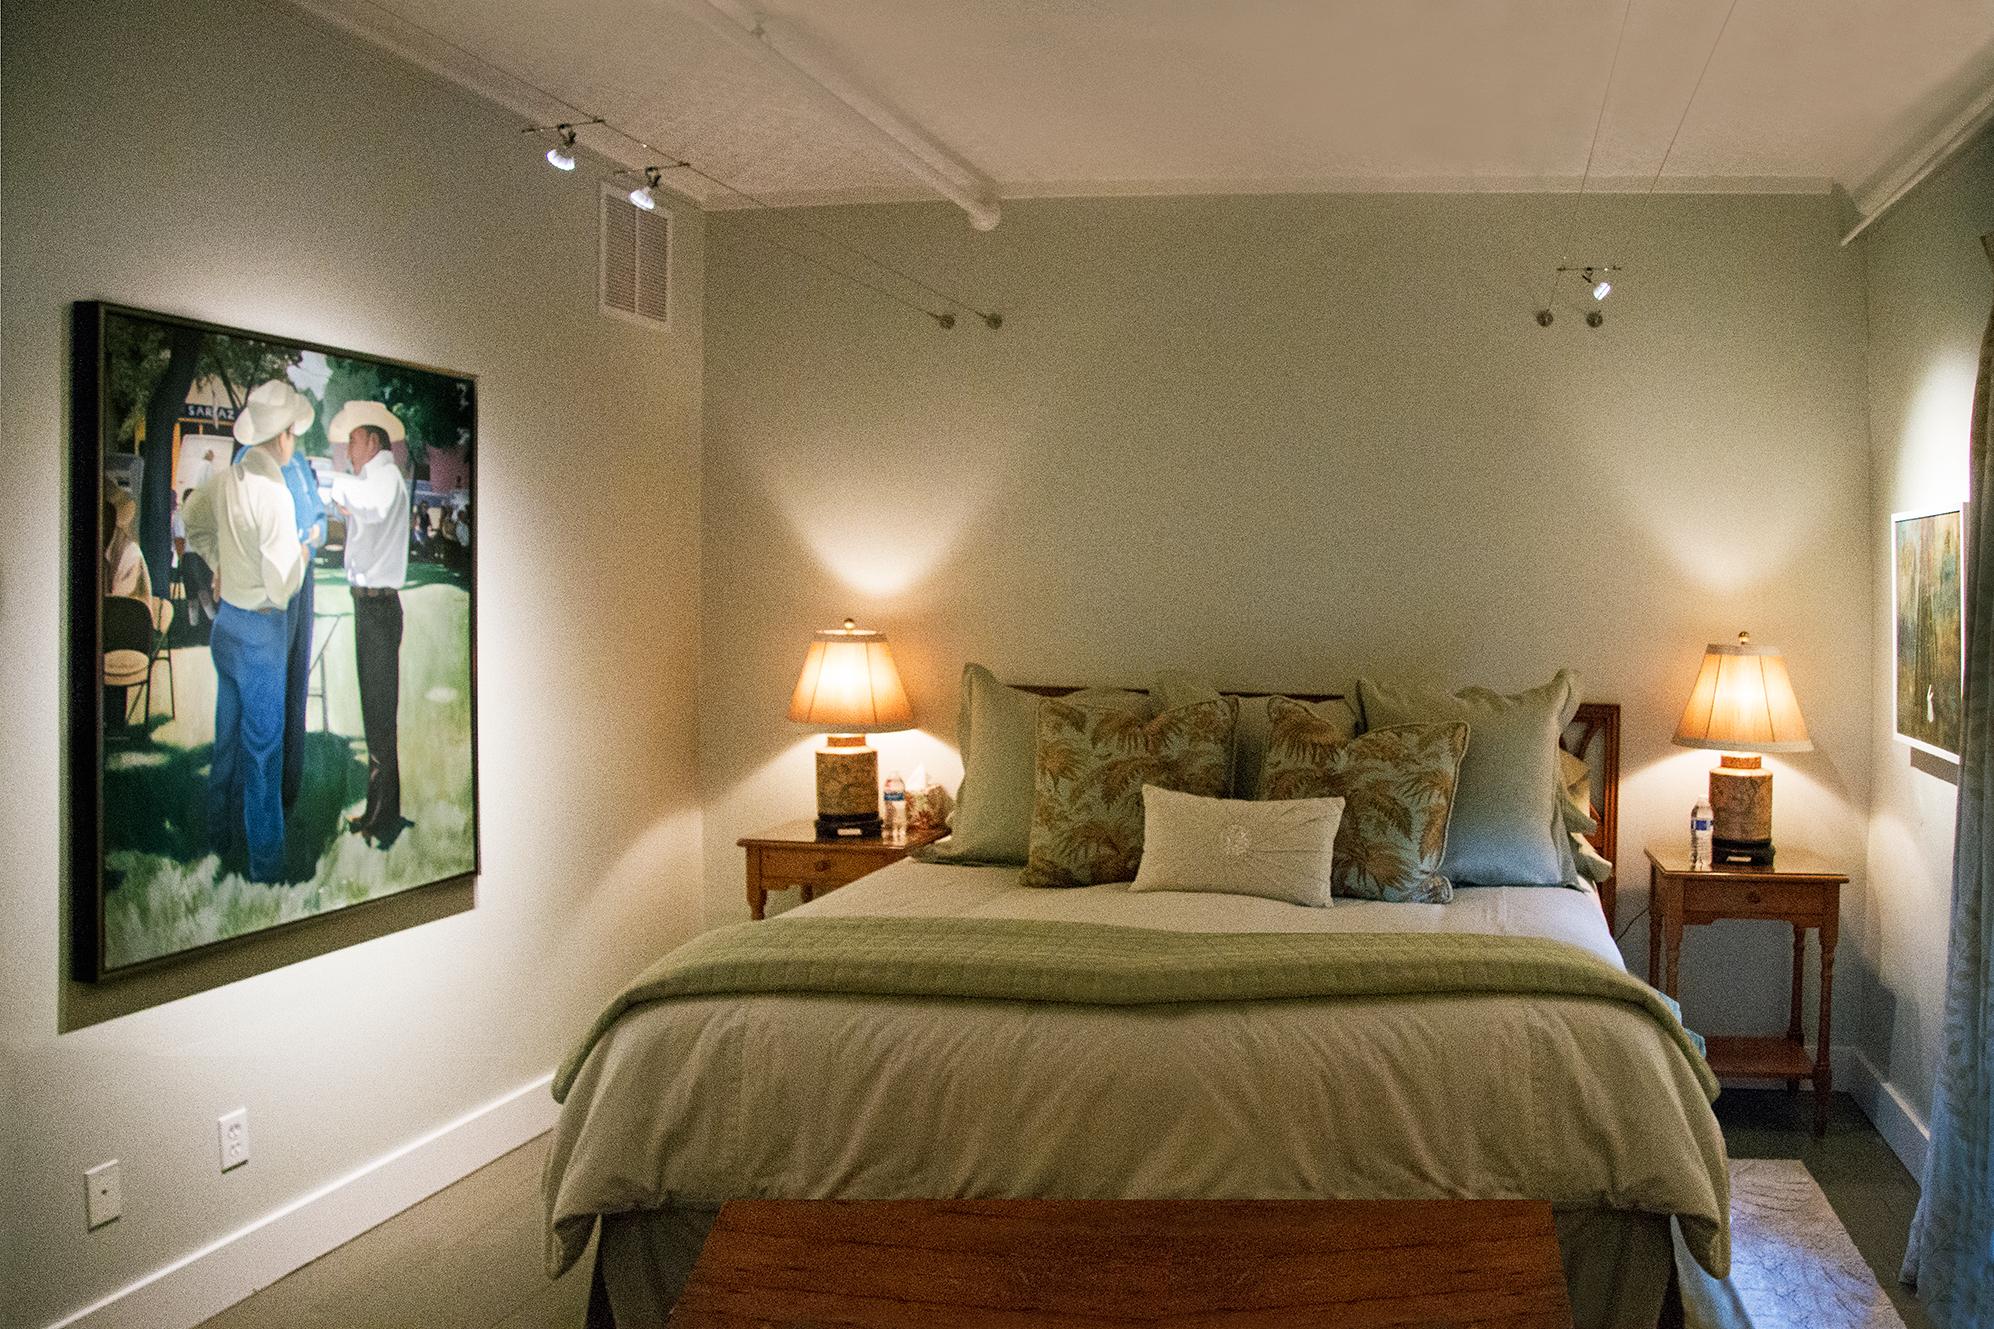 ROOM 3 - LIVE OAK - KING BED